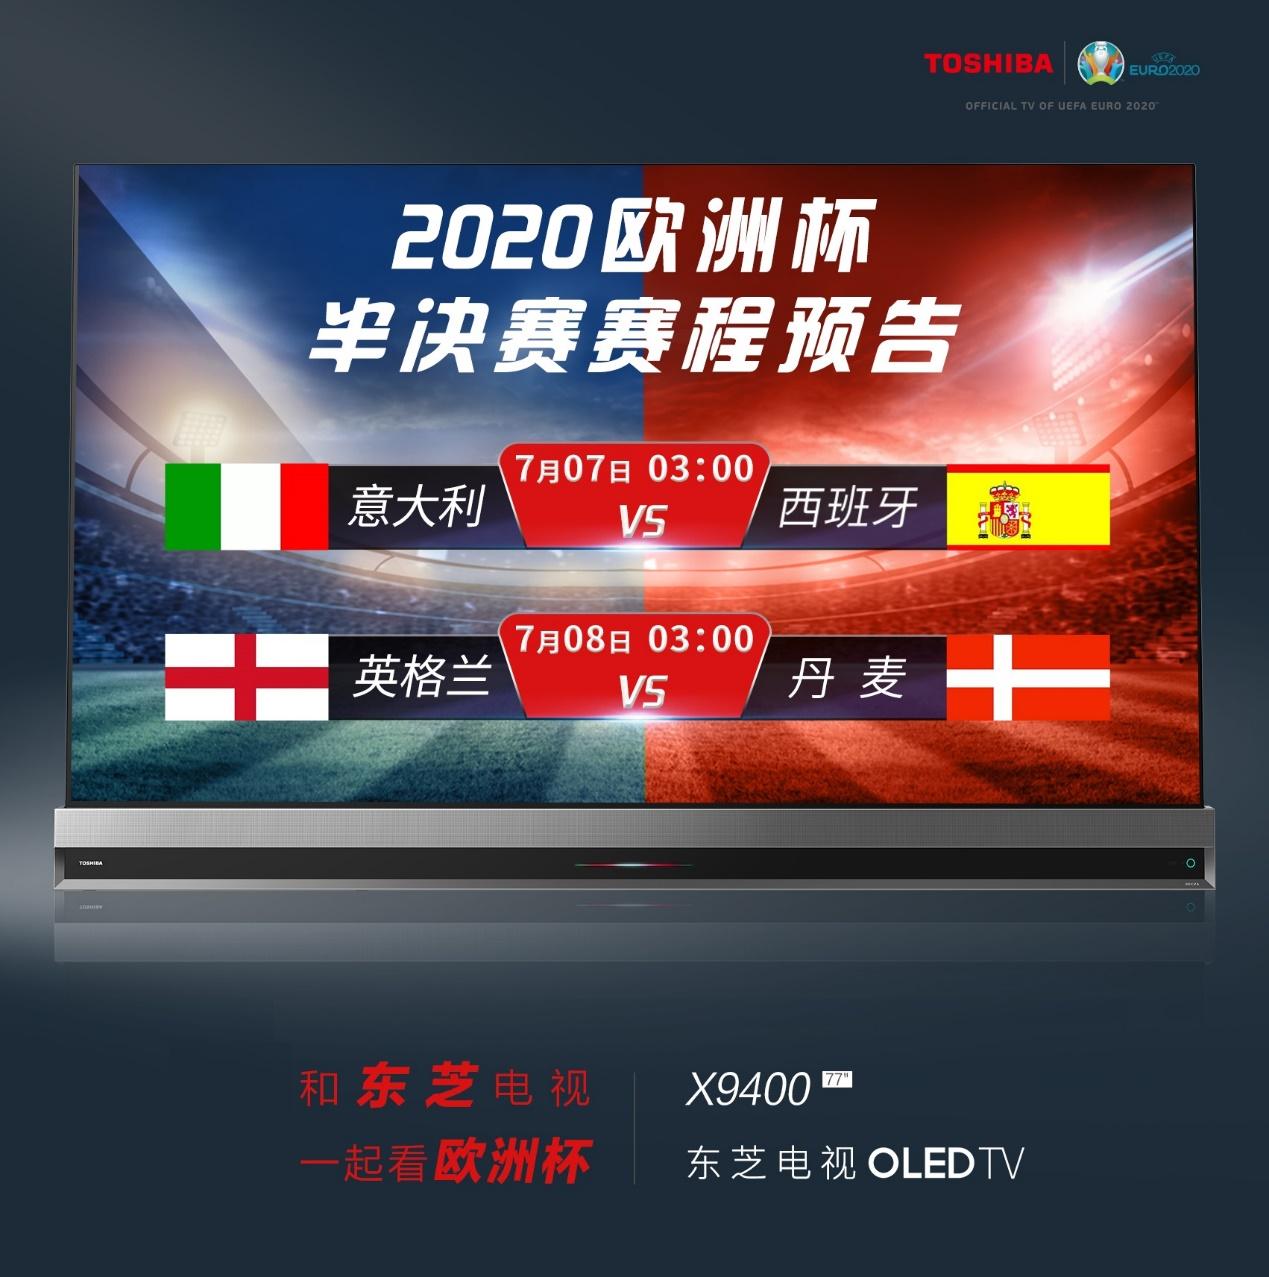 东芝电视欧洲杯前瞻:半决赛开打在即,意大利、英格兰被看好